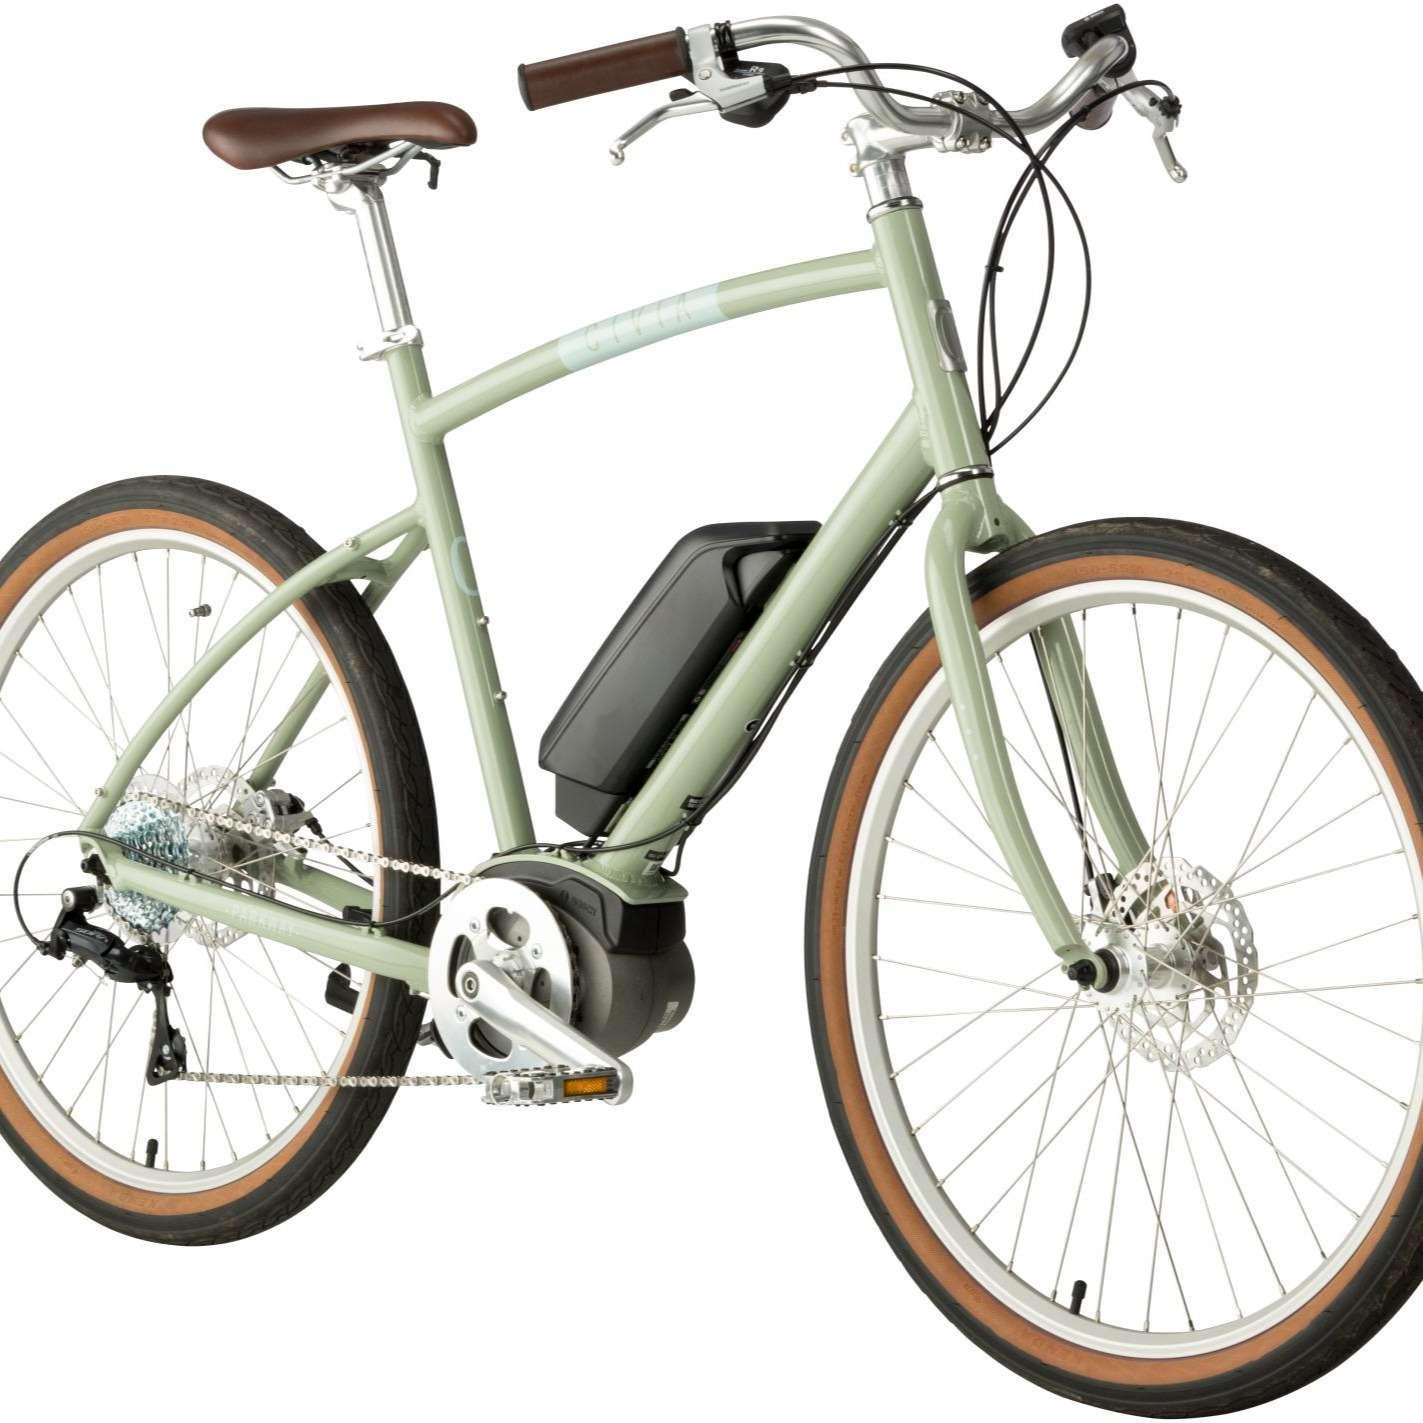 Demo & Rental Bikes - Pedal Bike Shop -Littleton, Colorado